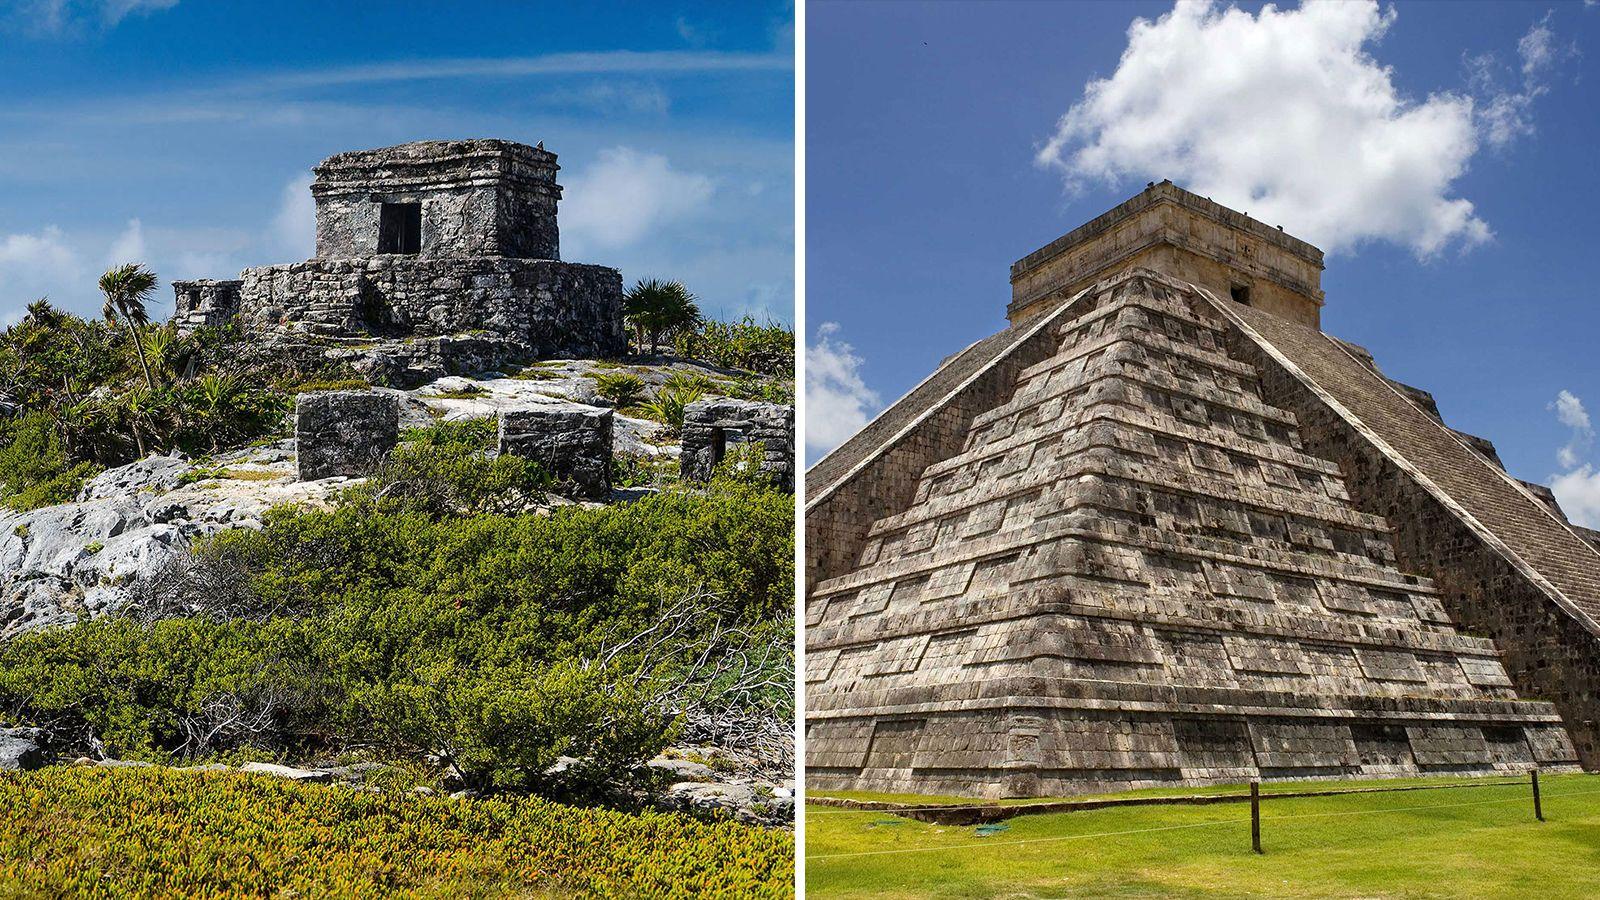 2-in-1 Combo Tour: Chichén Itzá & Tulum Express